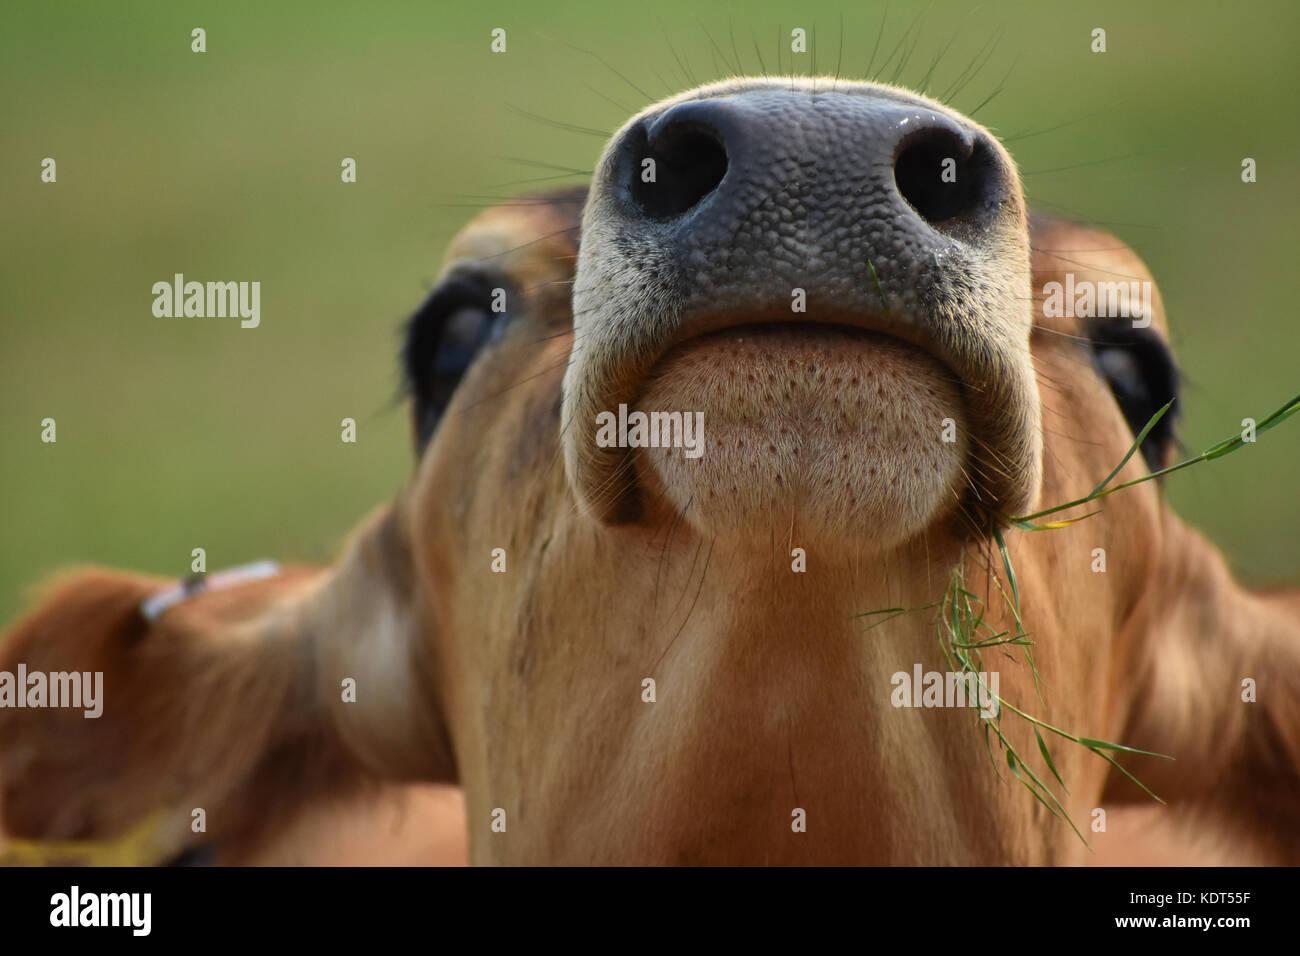 Mucca mangiare erba con testa in aria che mostra le sue narici e bocca closeup. Le mucche di testa è inclinata Immagini Stock